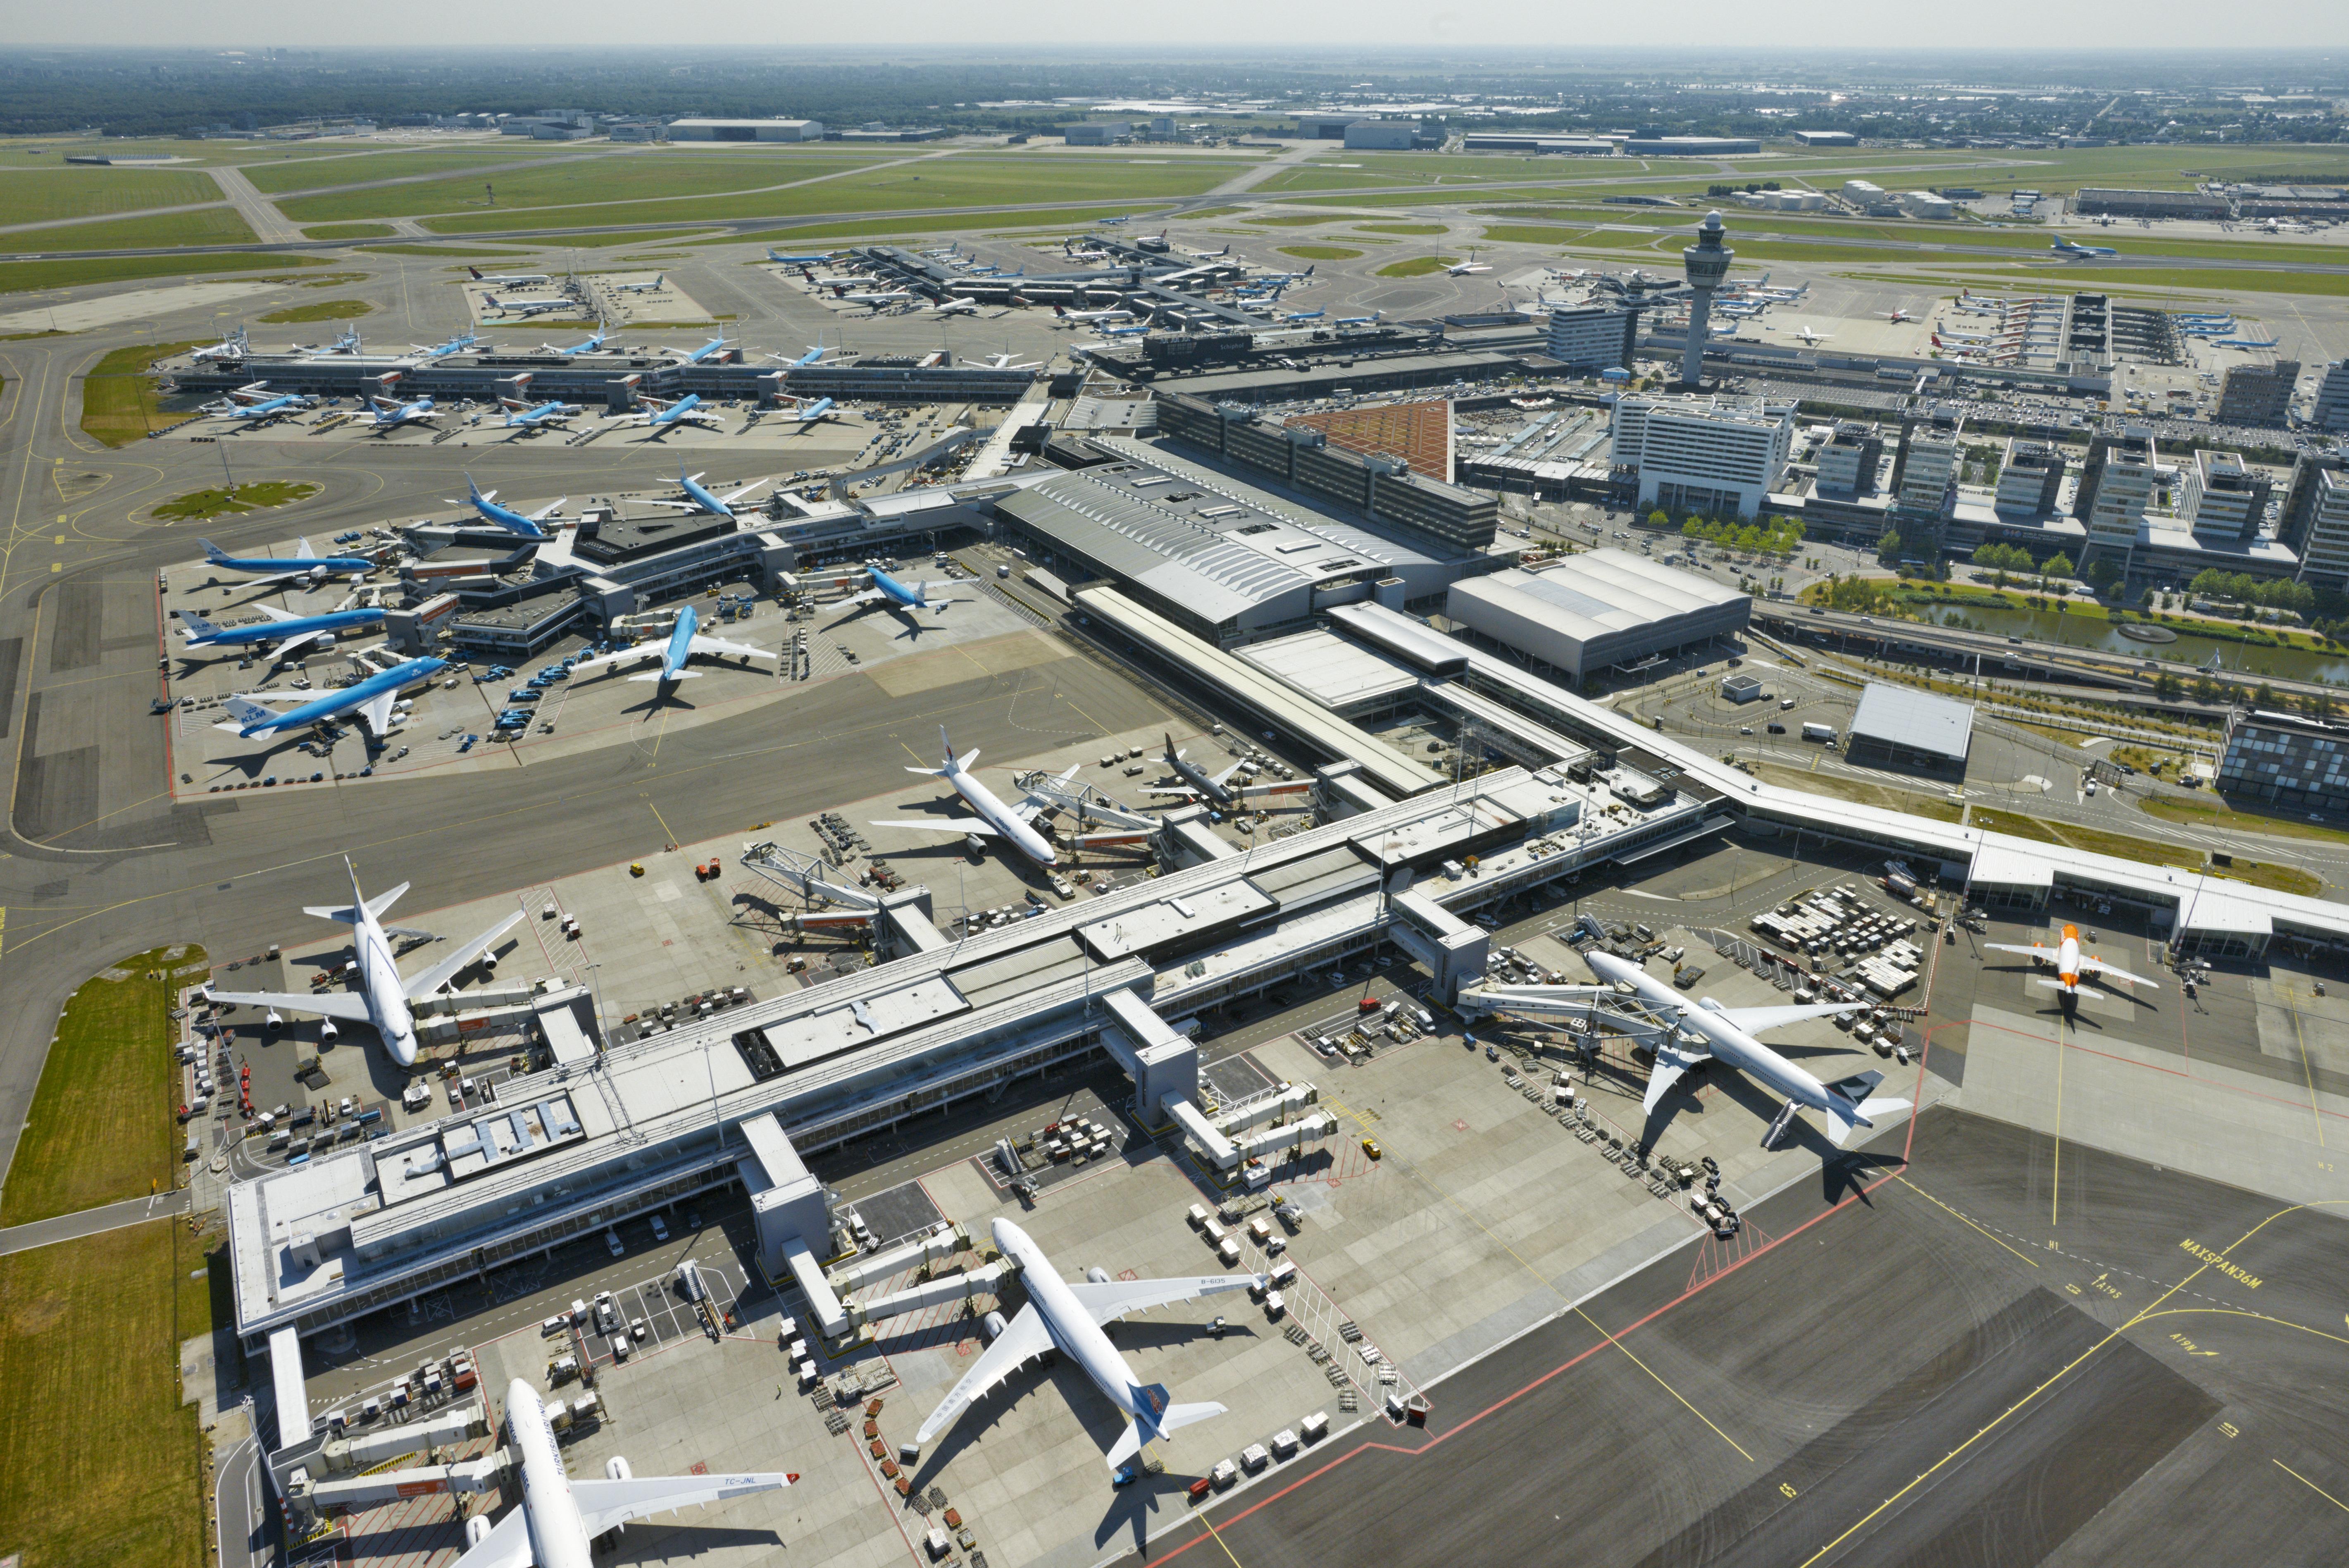 Luftfoto af airside-området i Schiphol Airport (Foto: Schiphol Group)